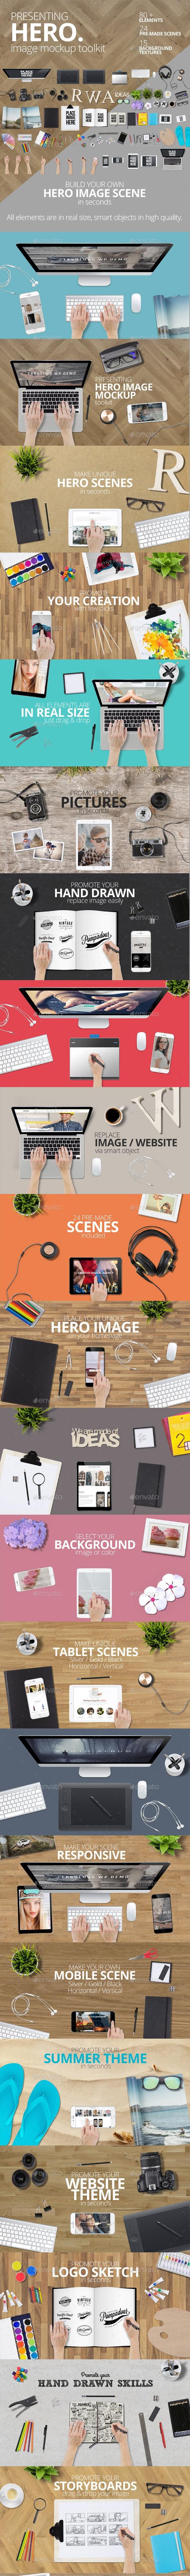 Hero Mockup Toolkit - Hero Images Graphics